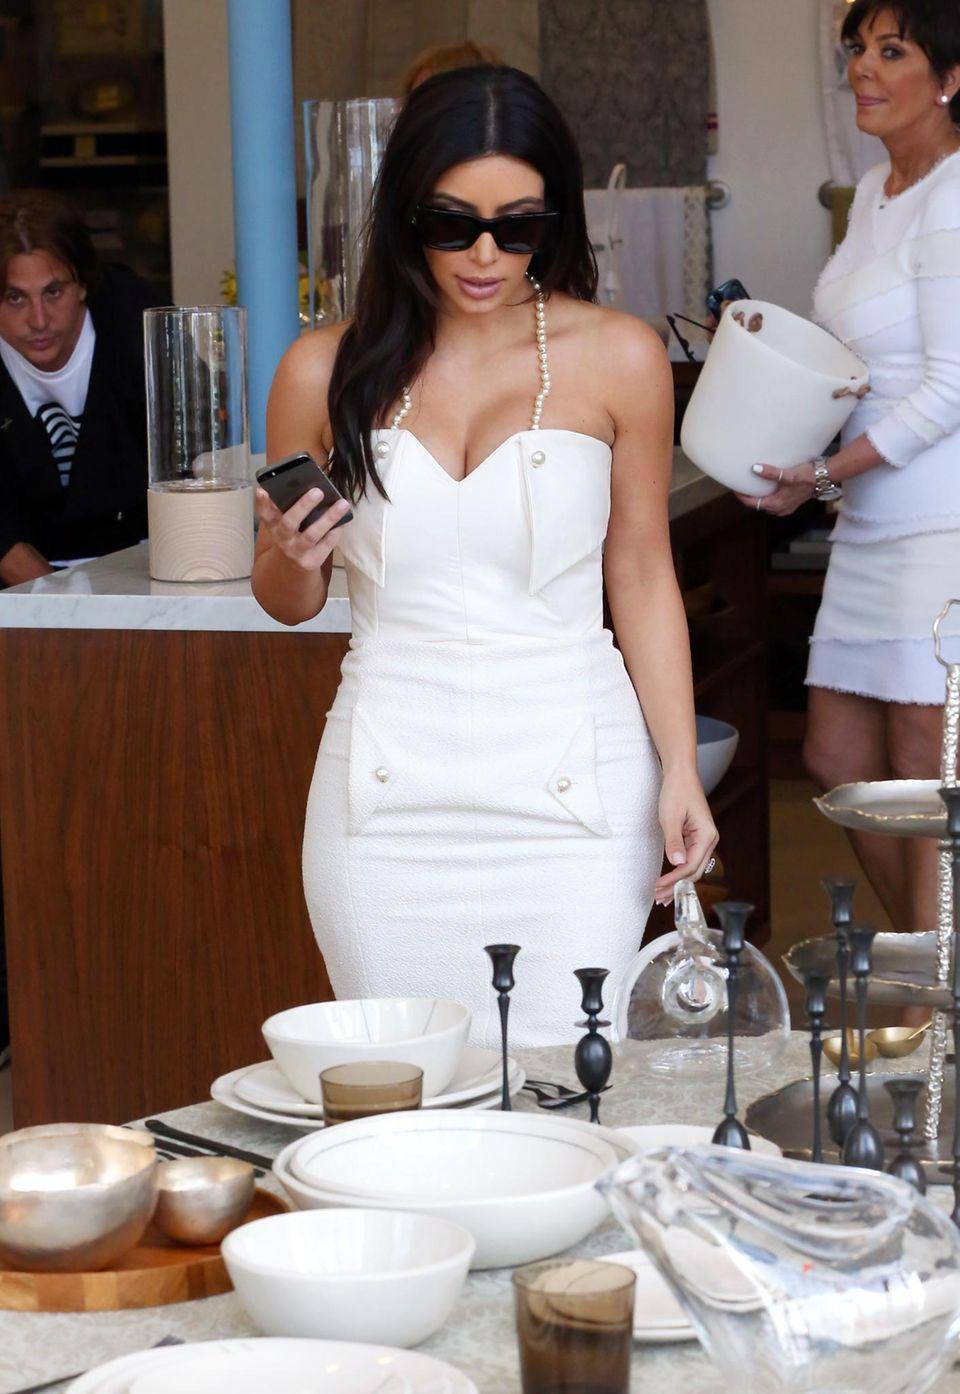 """Der Countdown zur Hochzeit: Der große Augenblick rückt näher und näher. Nach ihrem Junggesellinnen-Abschied im """"Peninsula Hotel"""" in Los Angeles ging Kim Kardashian auf Shopping-Tour, bei der sie sich Schuhe und Geschirr anschaute."""